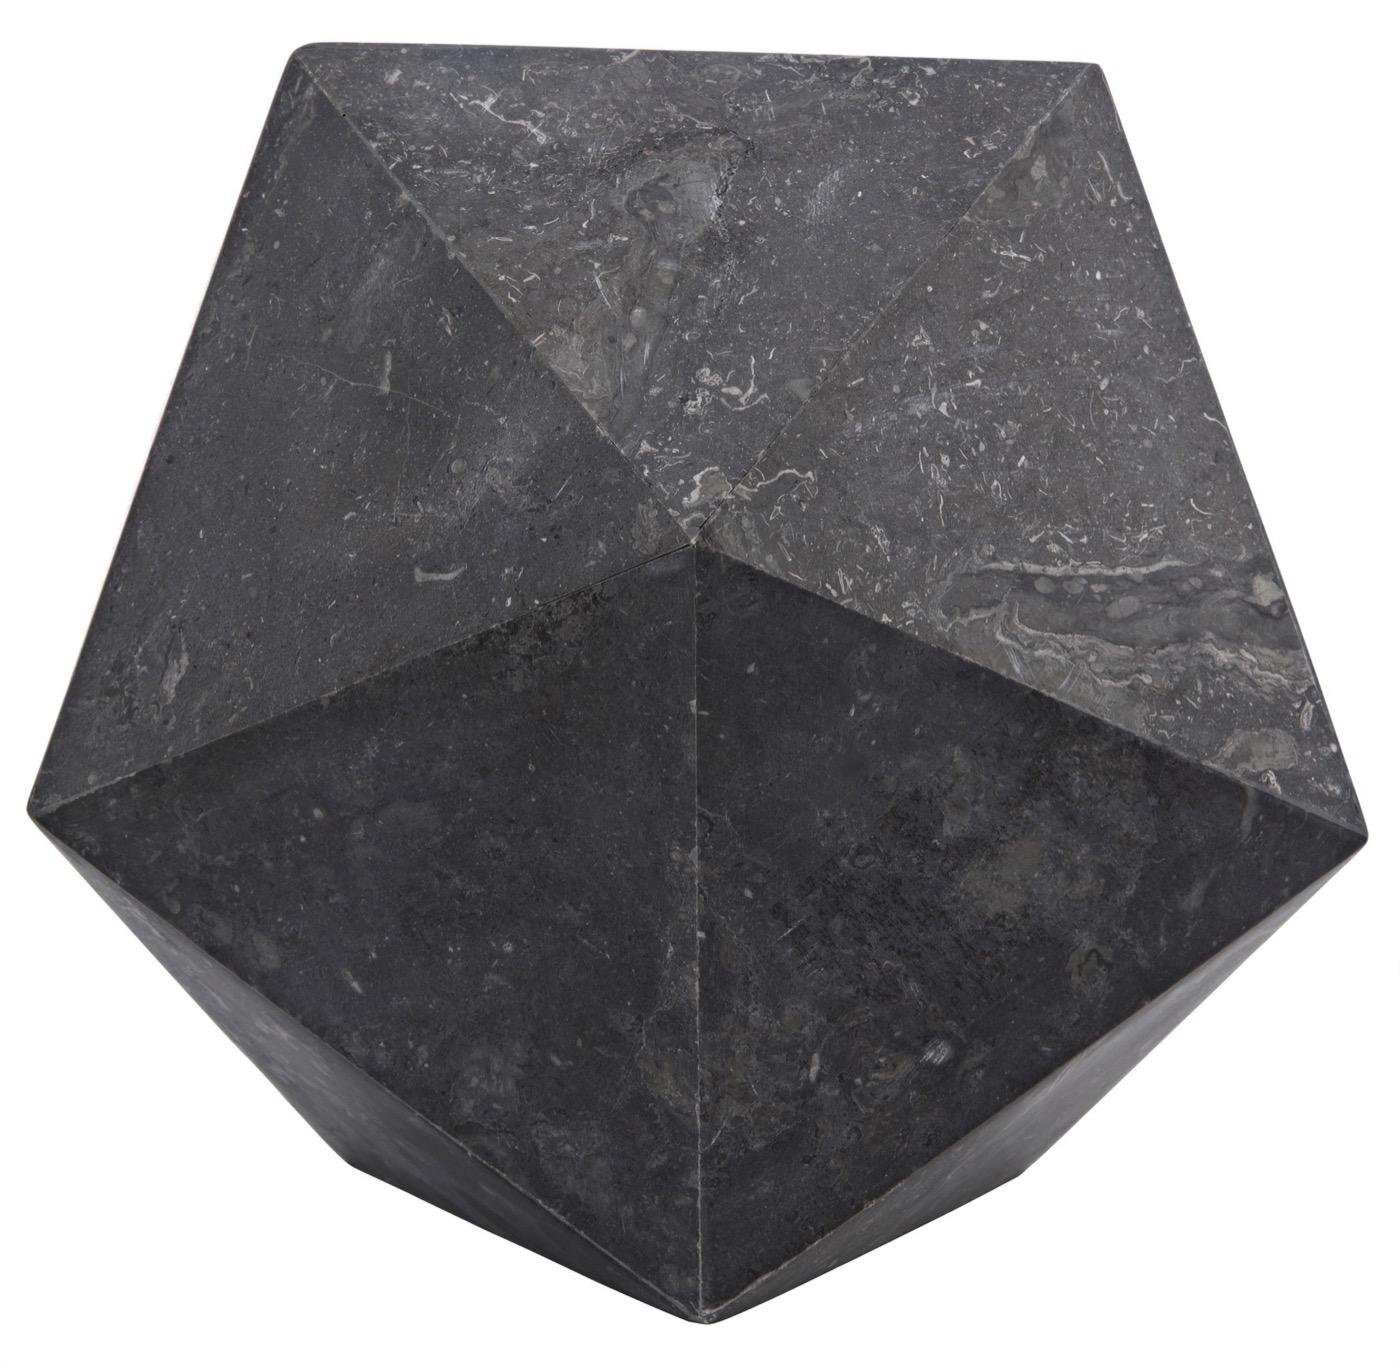 Icosahedron Large Marble Object